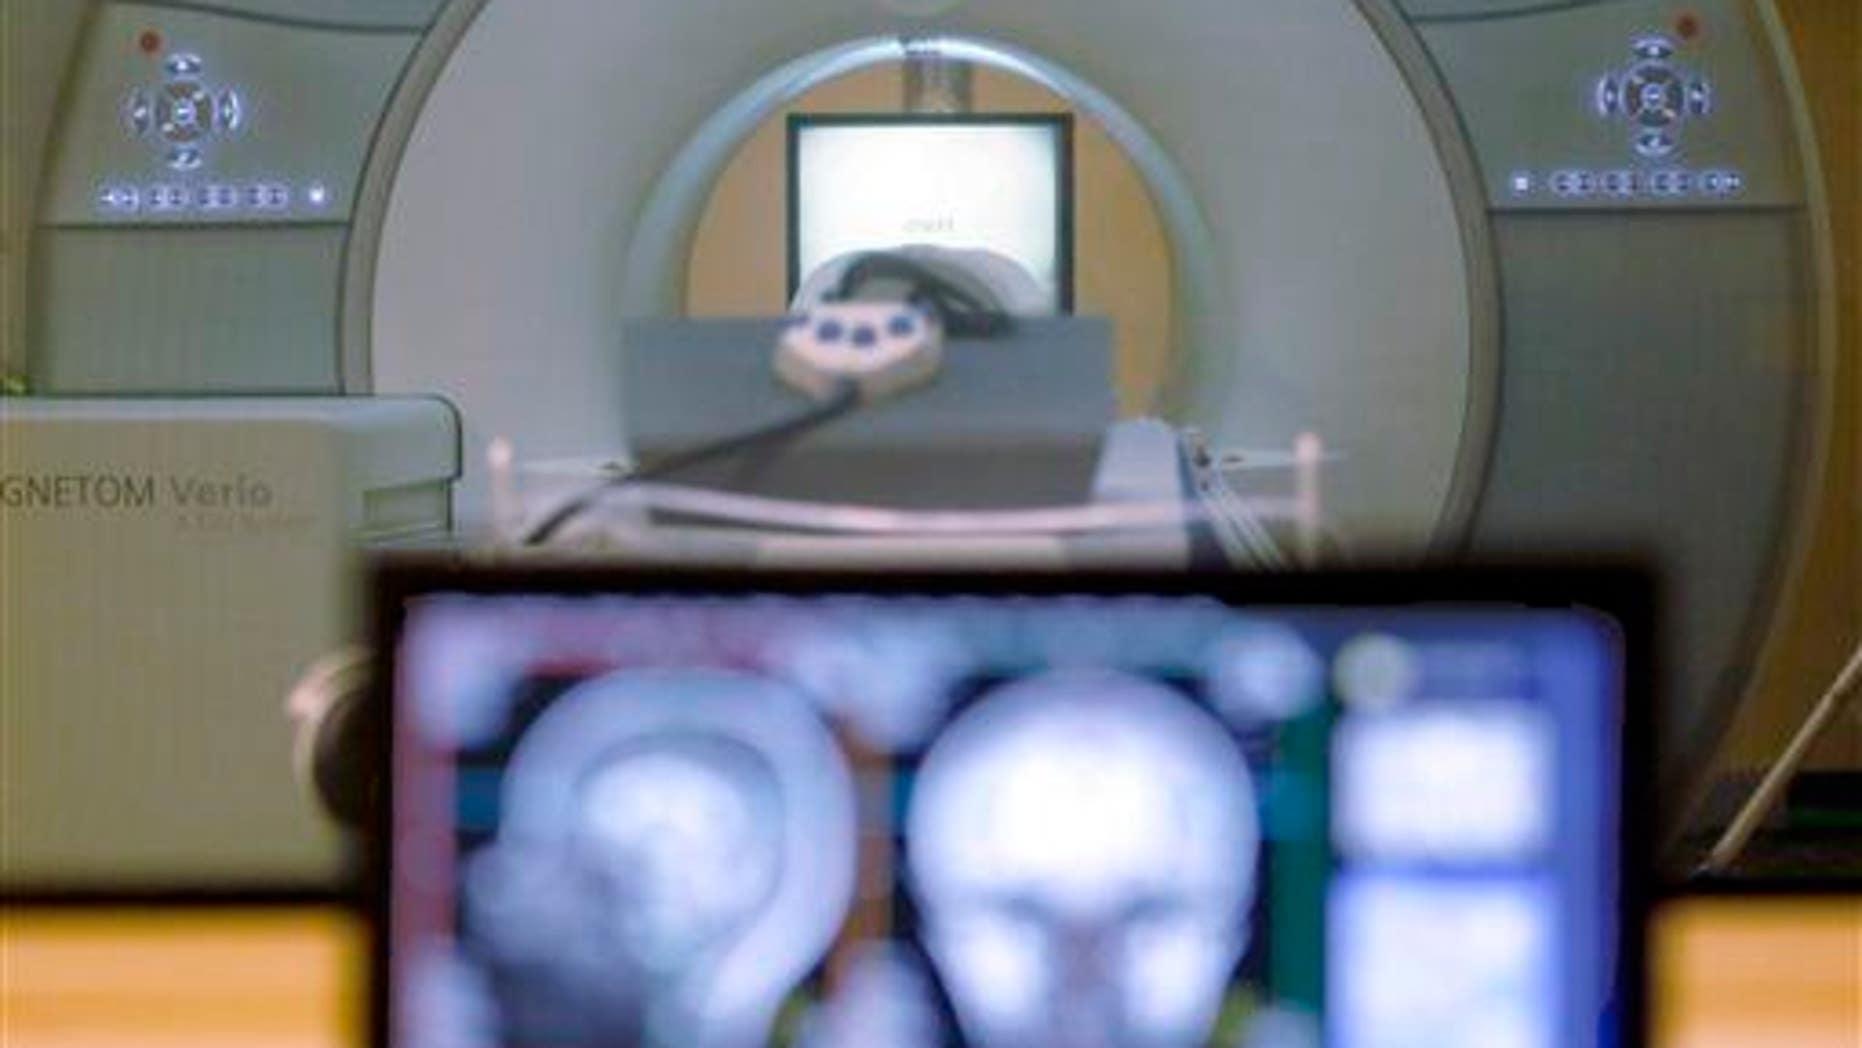 A brain-scanning MRI machine is shown.